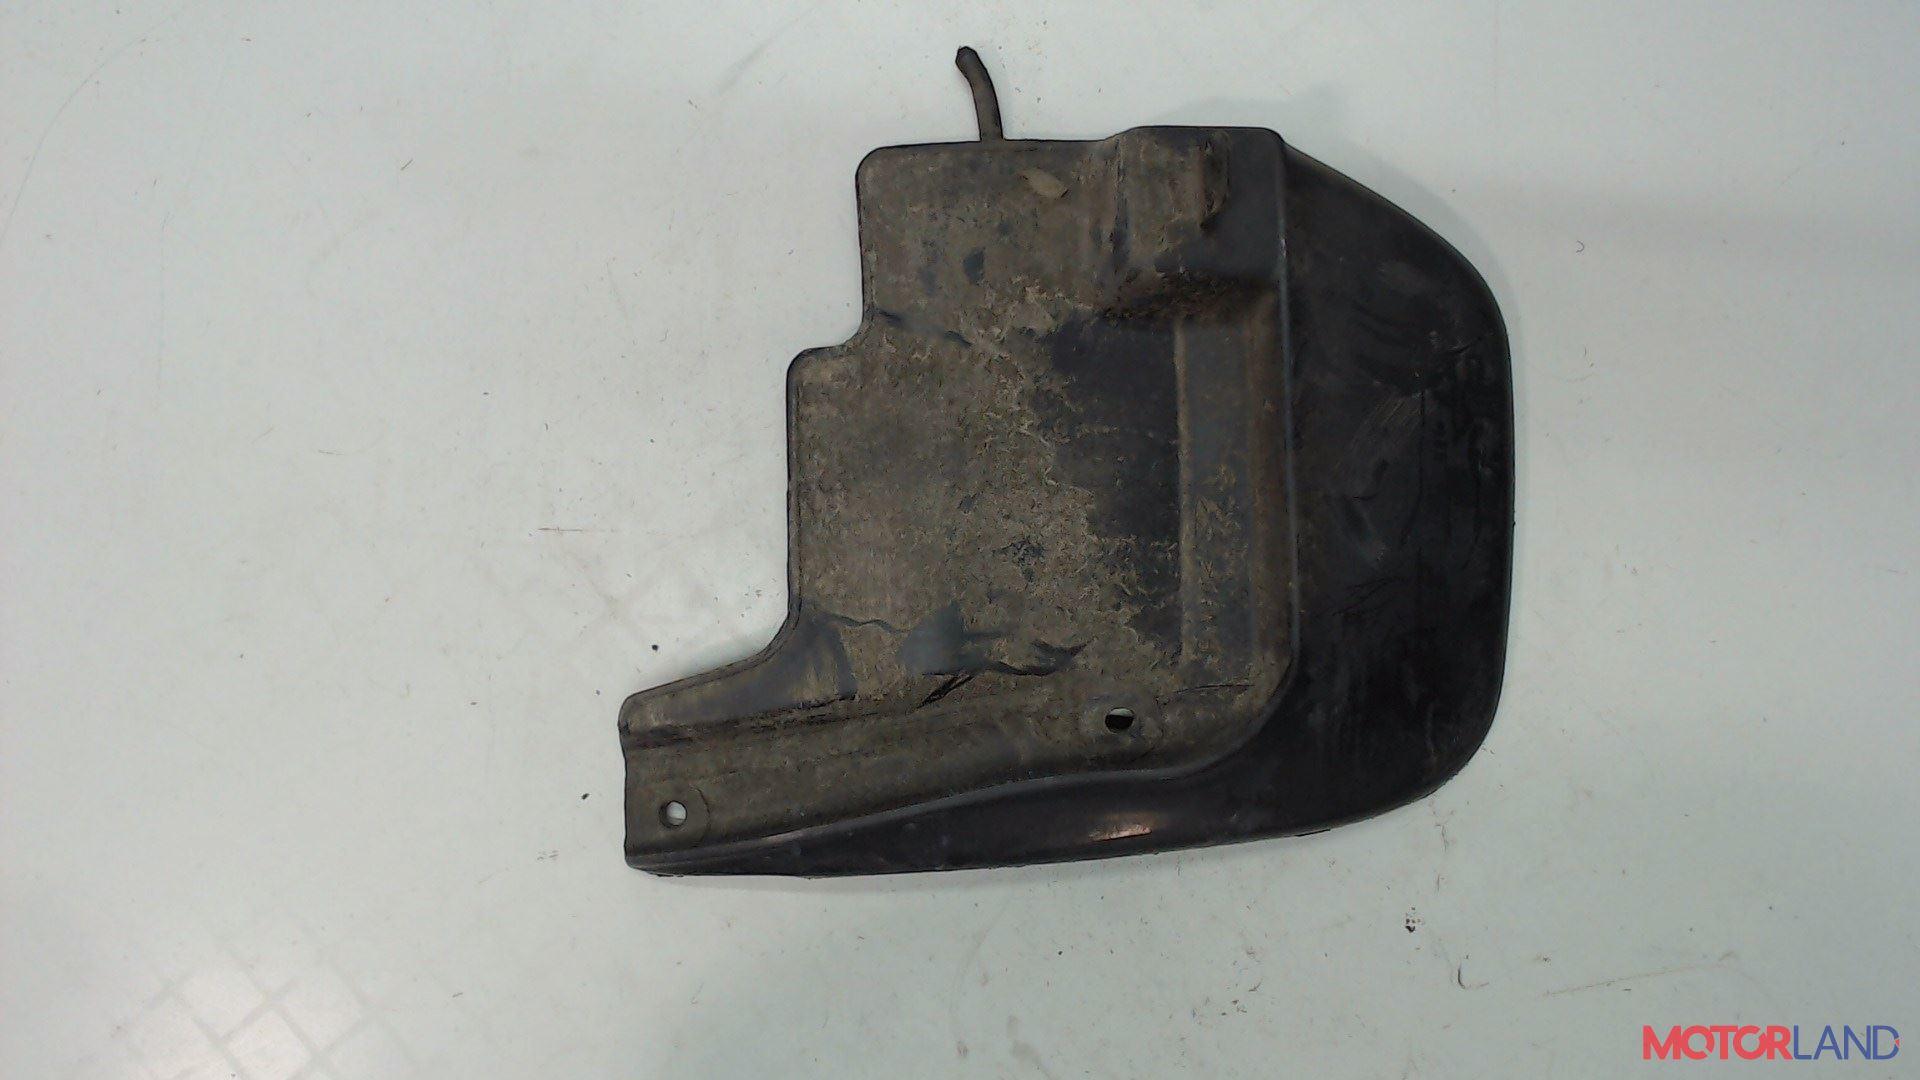 Брызговик Daihatsu Cuore 1995-1999, Артикул 5503667 #1